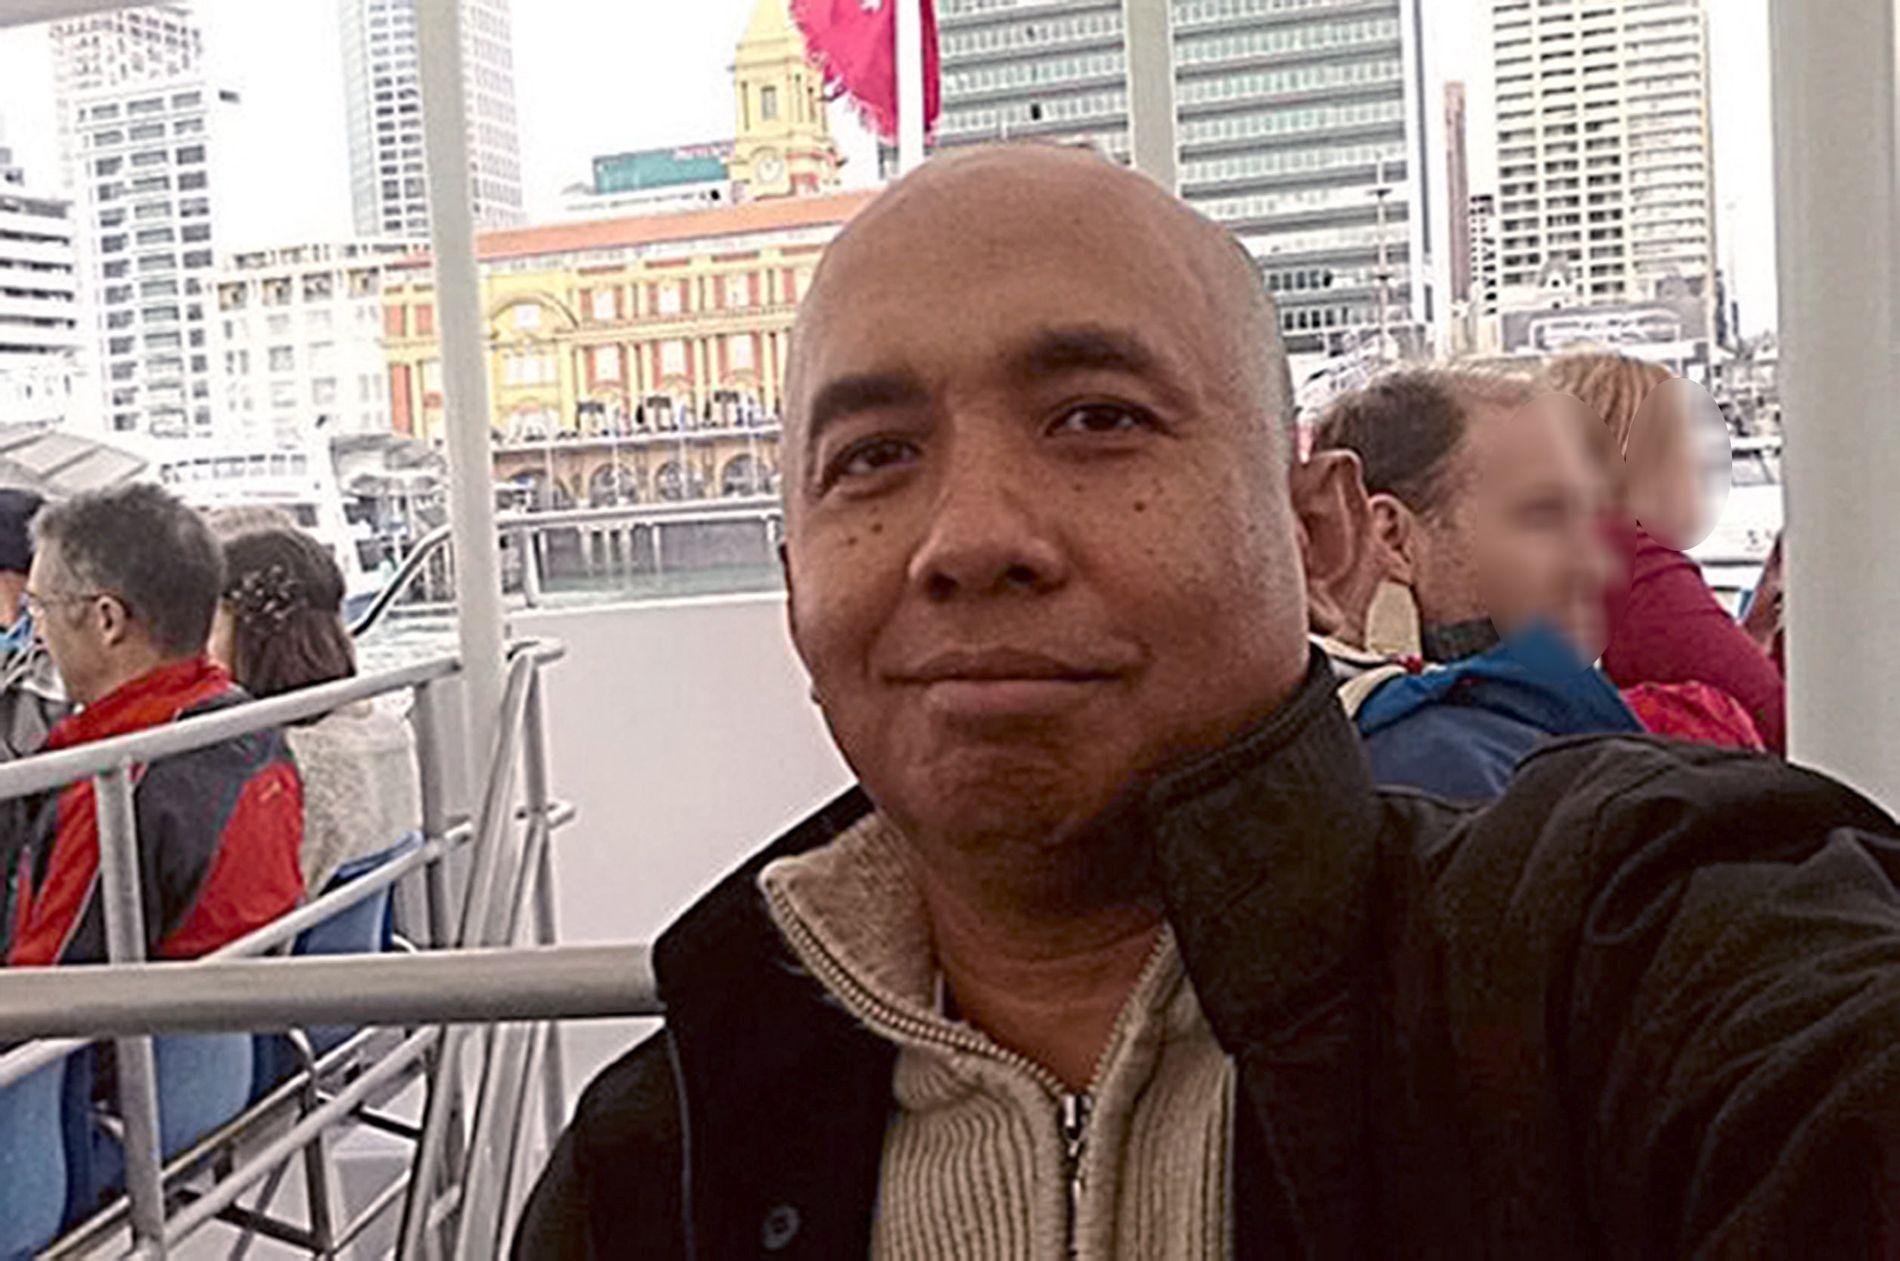 PILOTEN: Zaharie Ahmad Shah var kaptein for Malaysia Airlines MH370 som forsvant sporløst i 2014. Nå er det funnet en mistenkelig reiserute på hans personlige flysimulator.